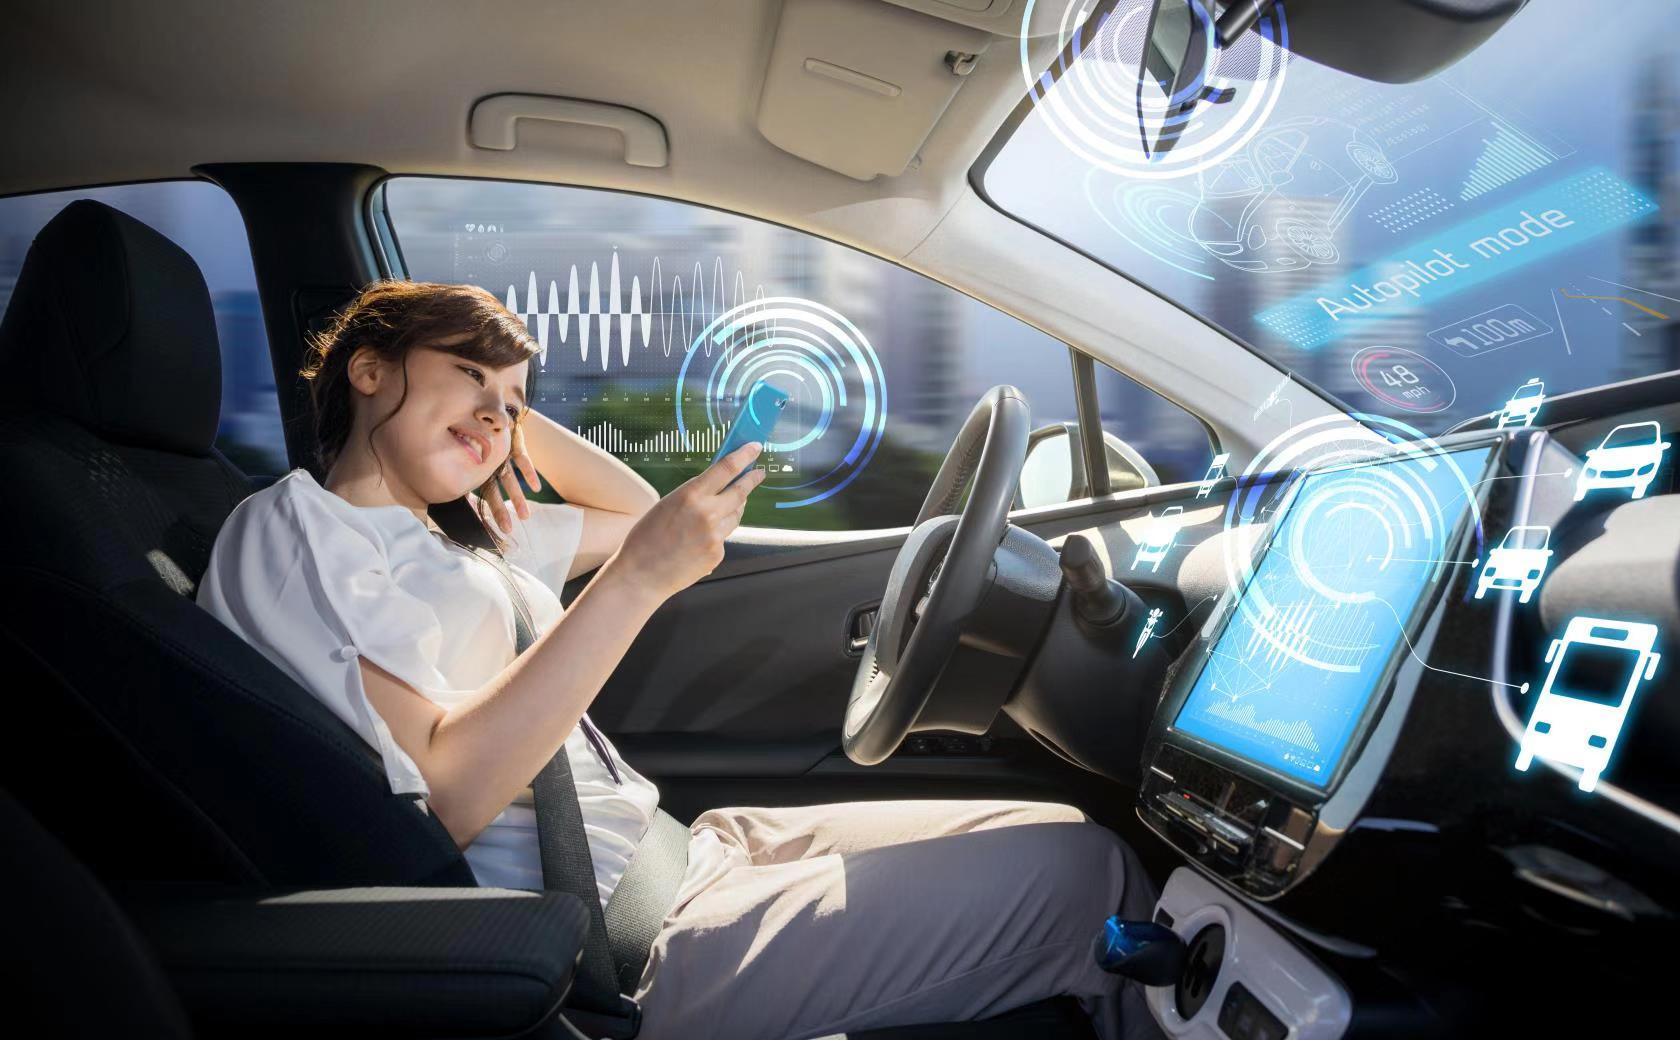 英飞凌将亮相2020CES 展示汽车物联网与大数据变革的关键半导体产品和技术